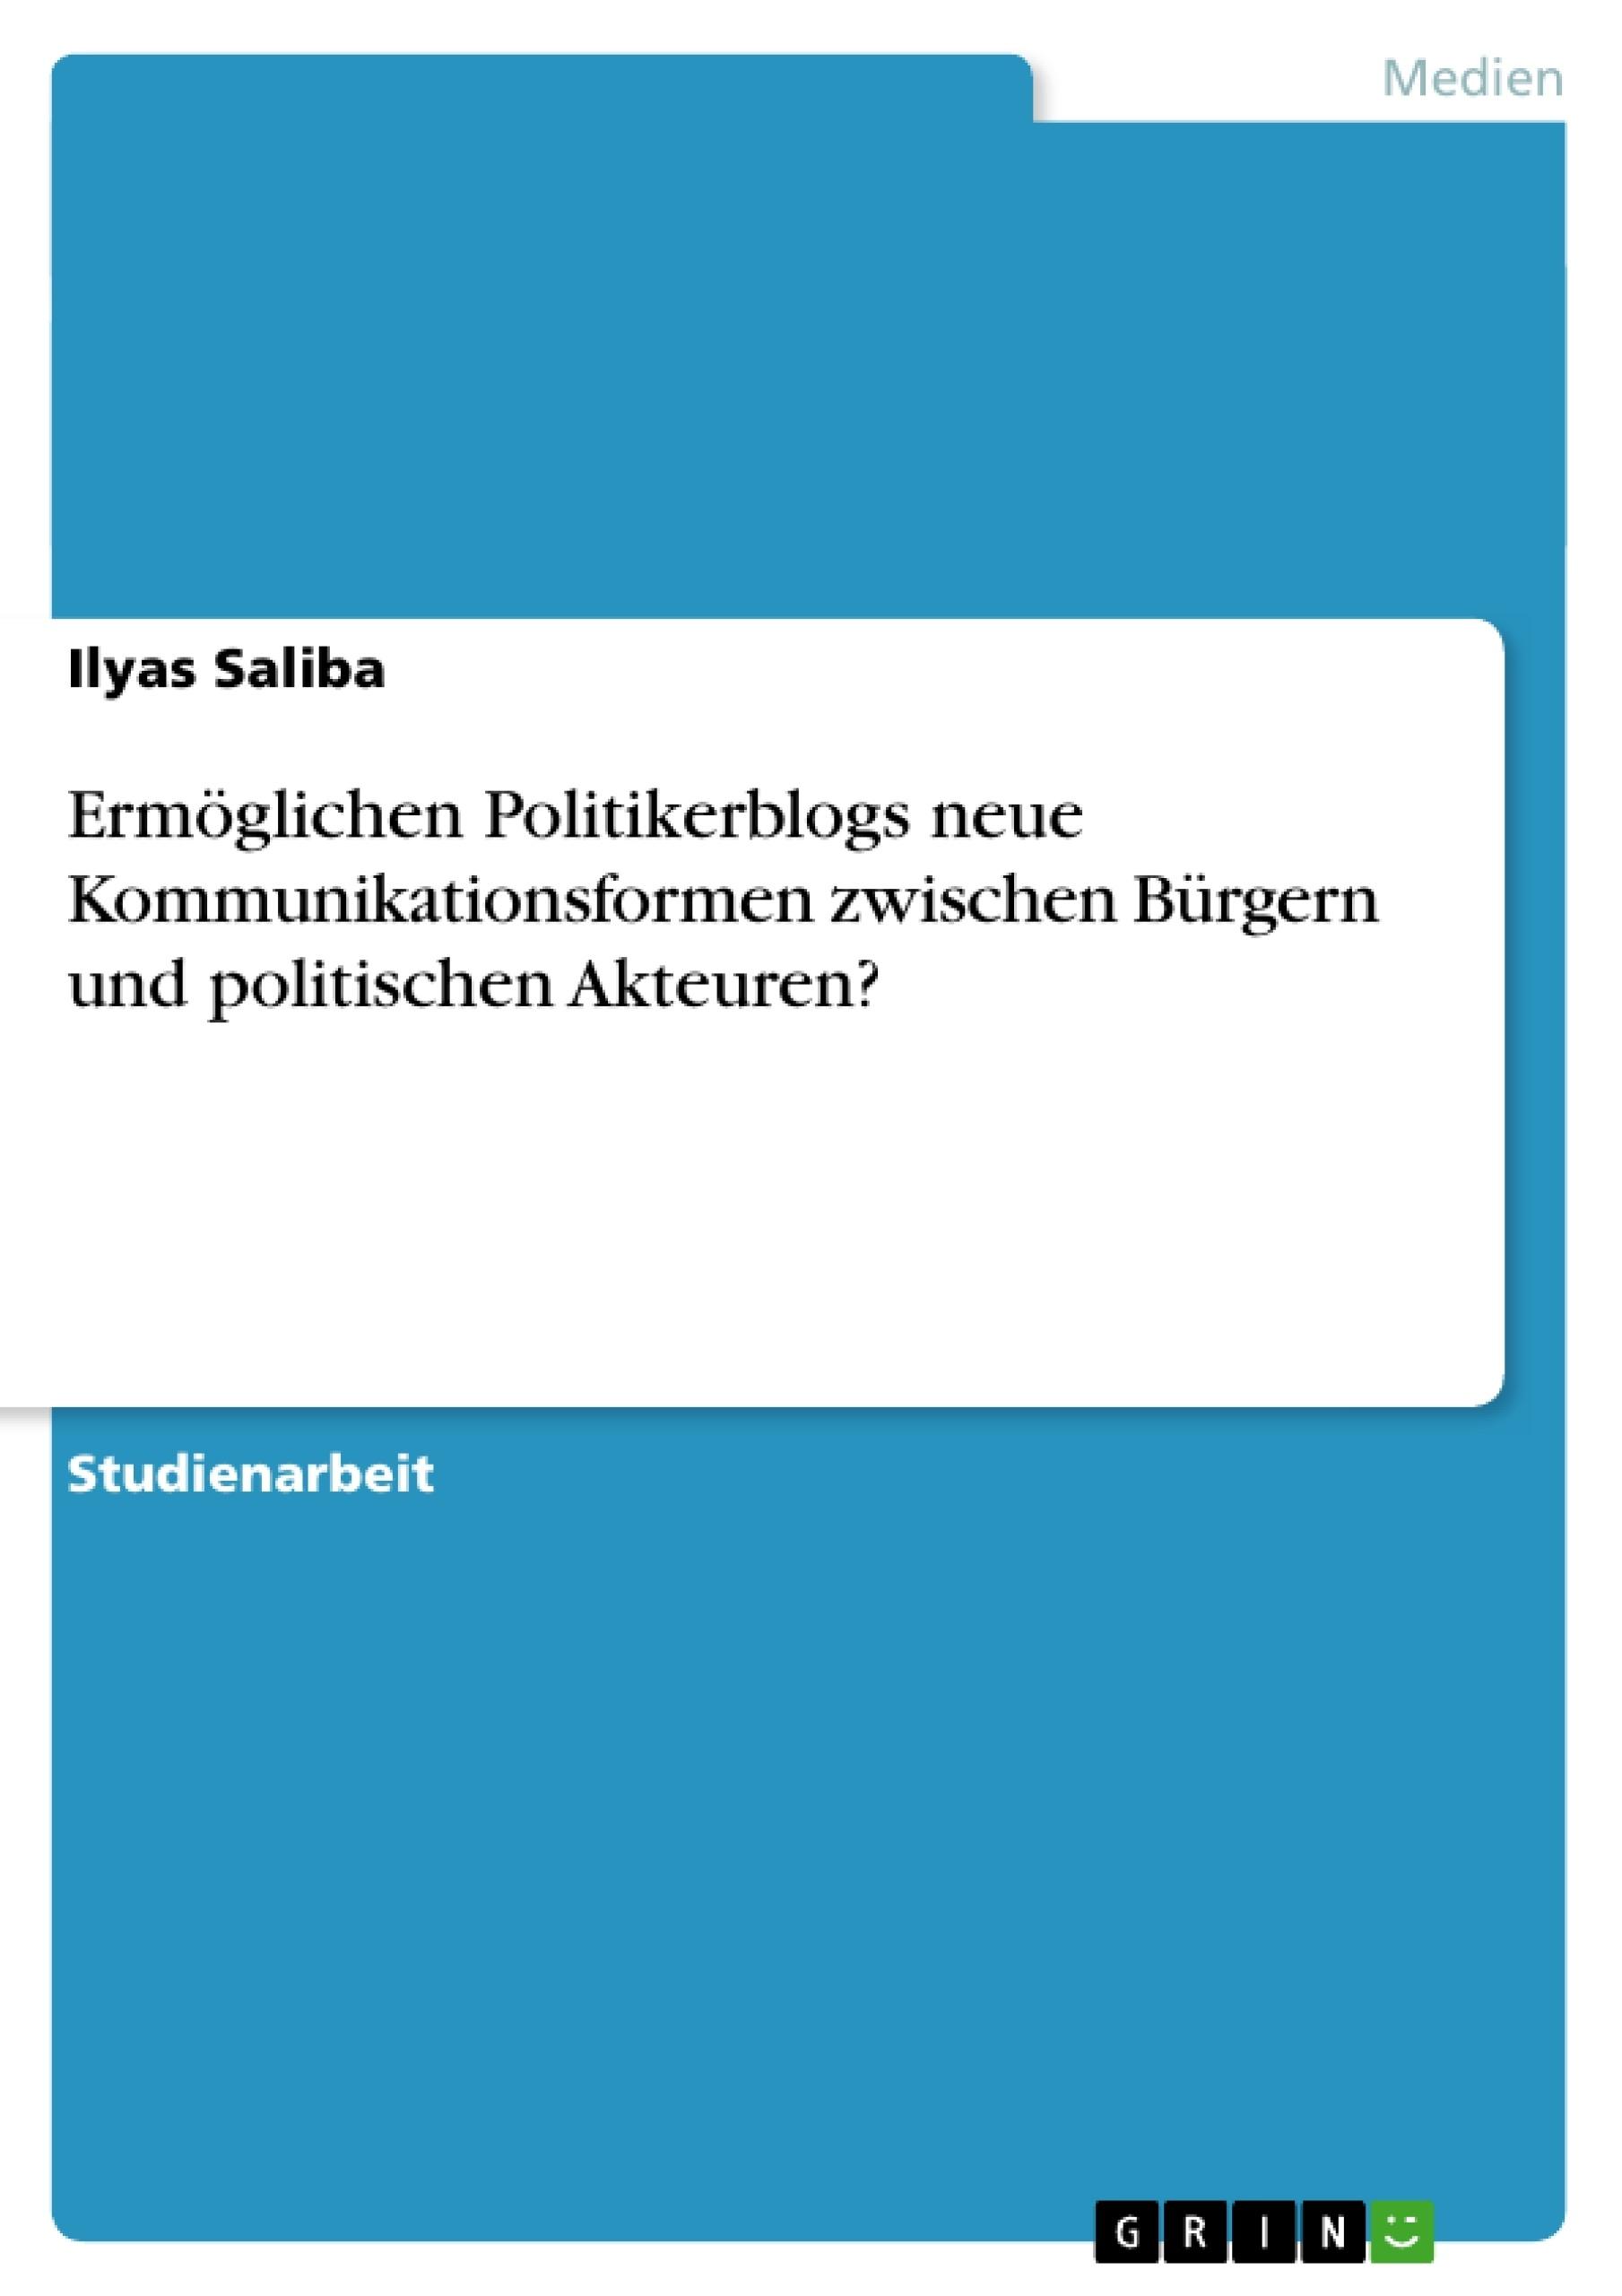 Titel: Ermöglichen Politikerblogs neue Kommunikationsformen zwischen Bürgern und politischen Akteuren?